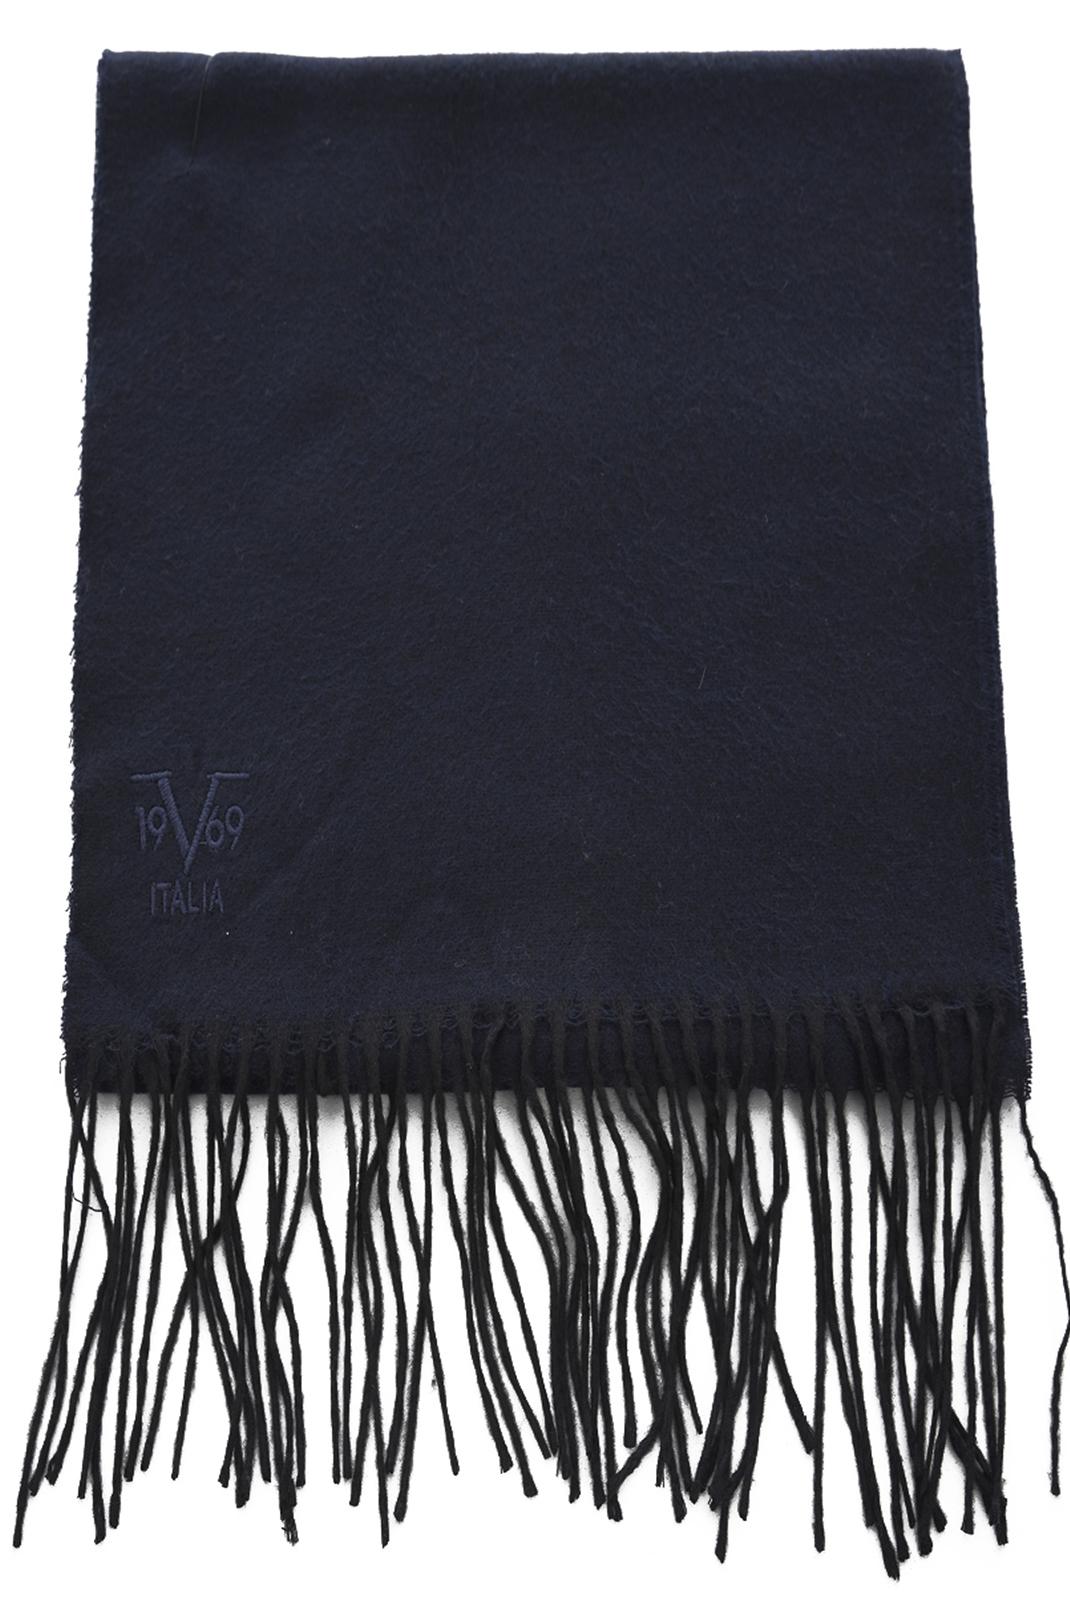 Echarpes / Foulards  19V69 by Versace 1969 CALDO MARINE